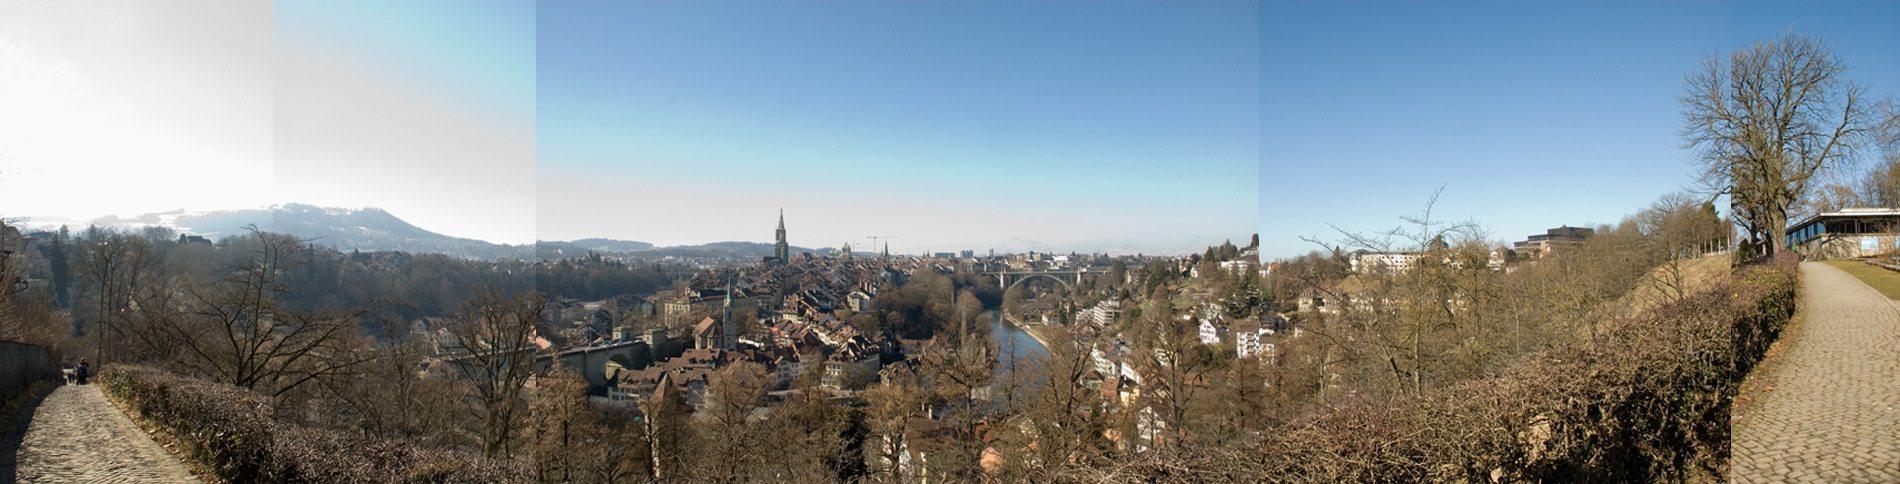 Stadtpanorama. Der Rosengarten ist einer der beliebtesten Plätze Berns – mit der Aussicht auf die Aareschlaufe und die UNESCO Welterbestätte der Altstadt von Bern.